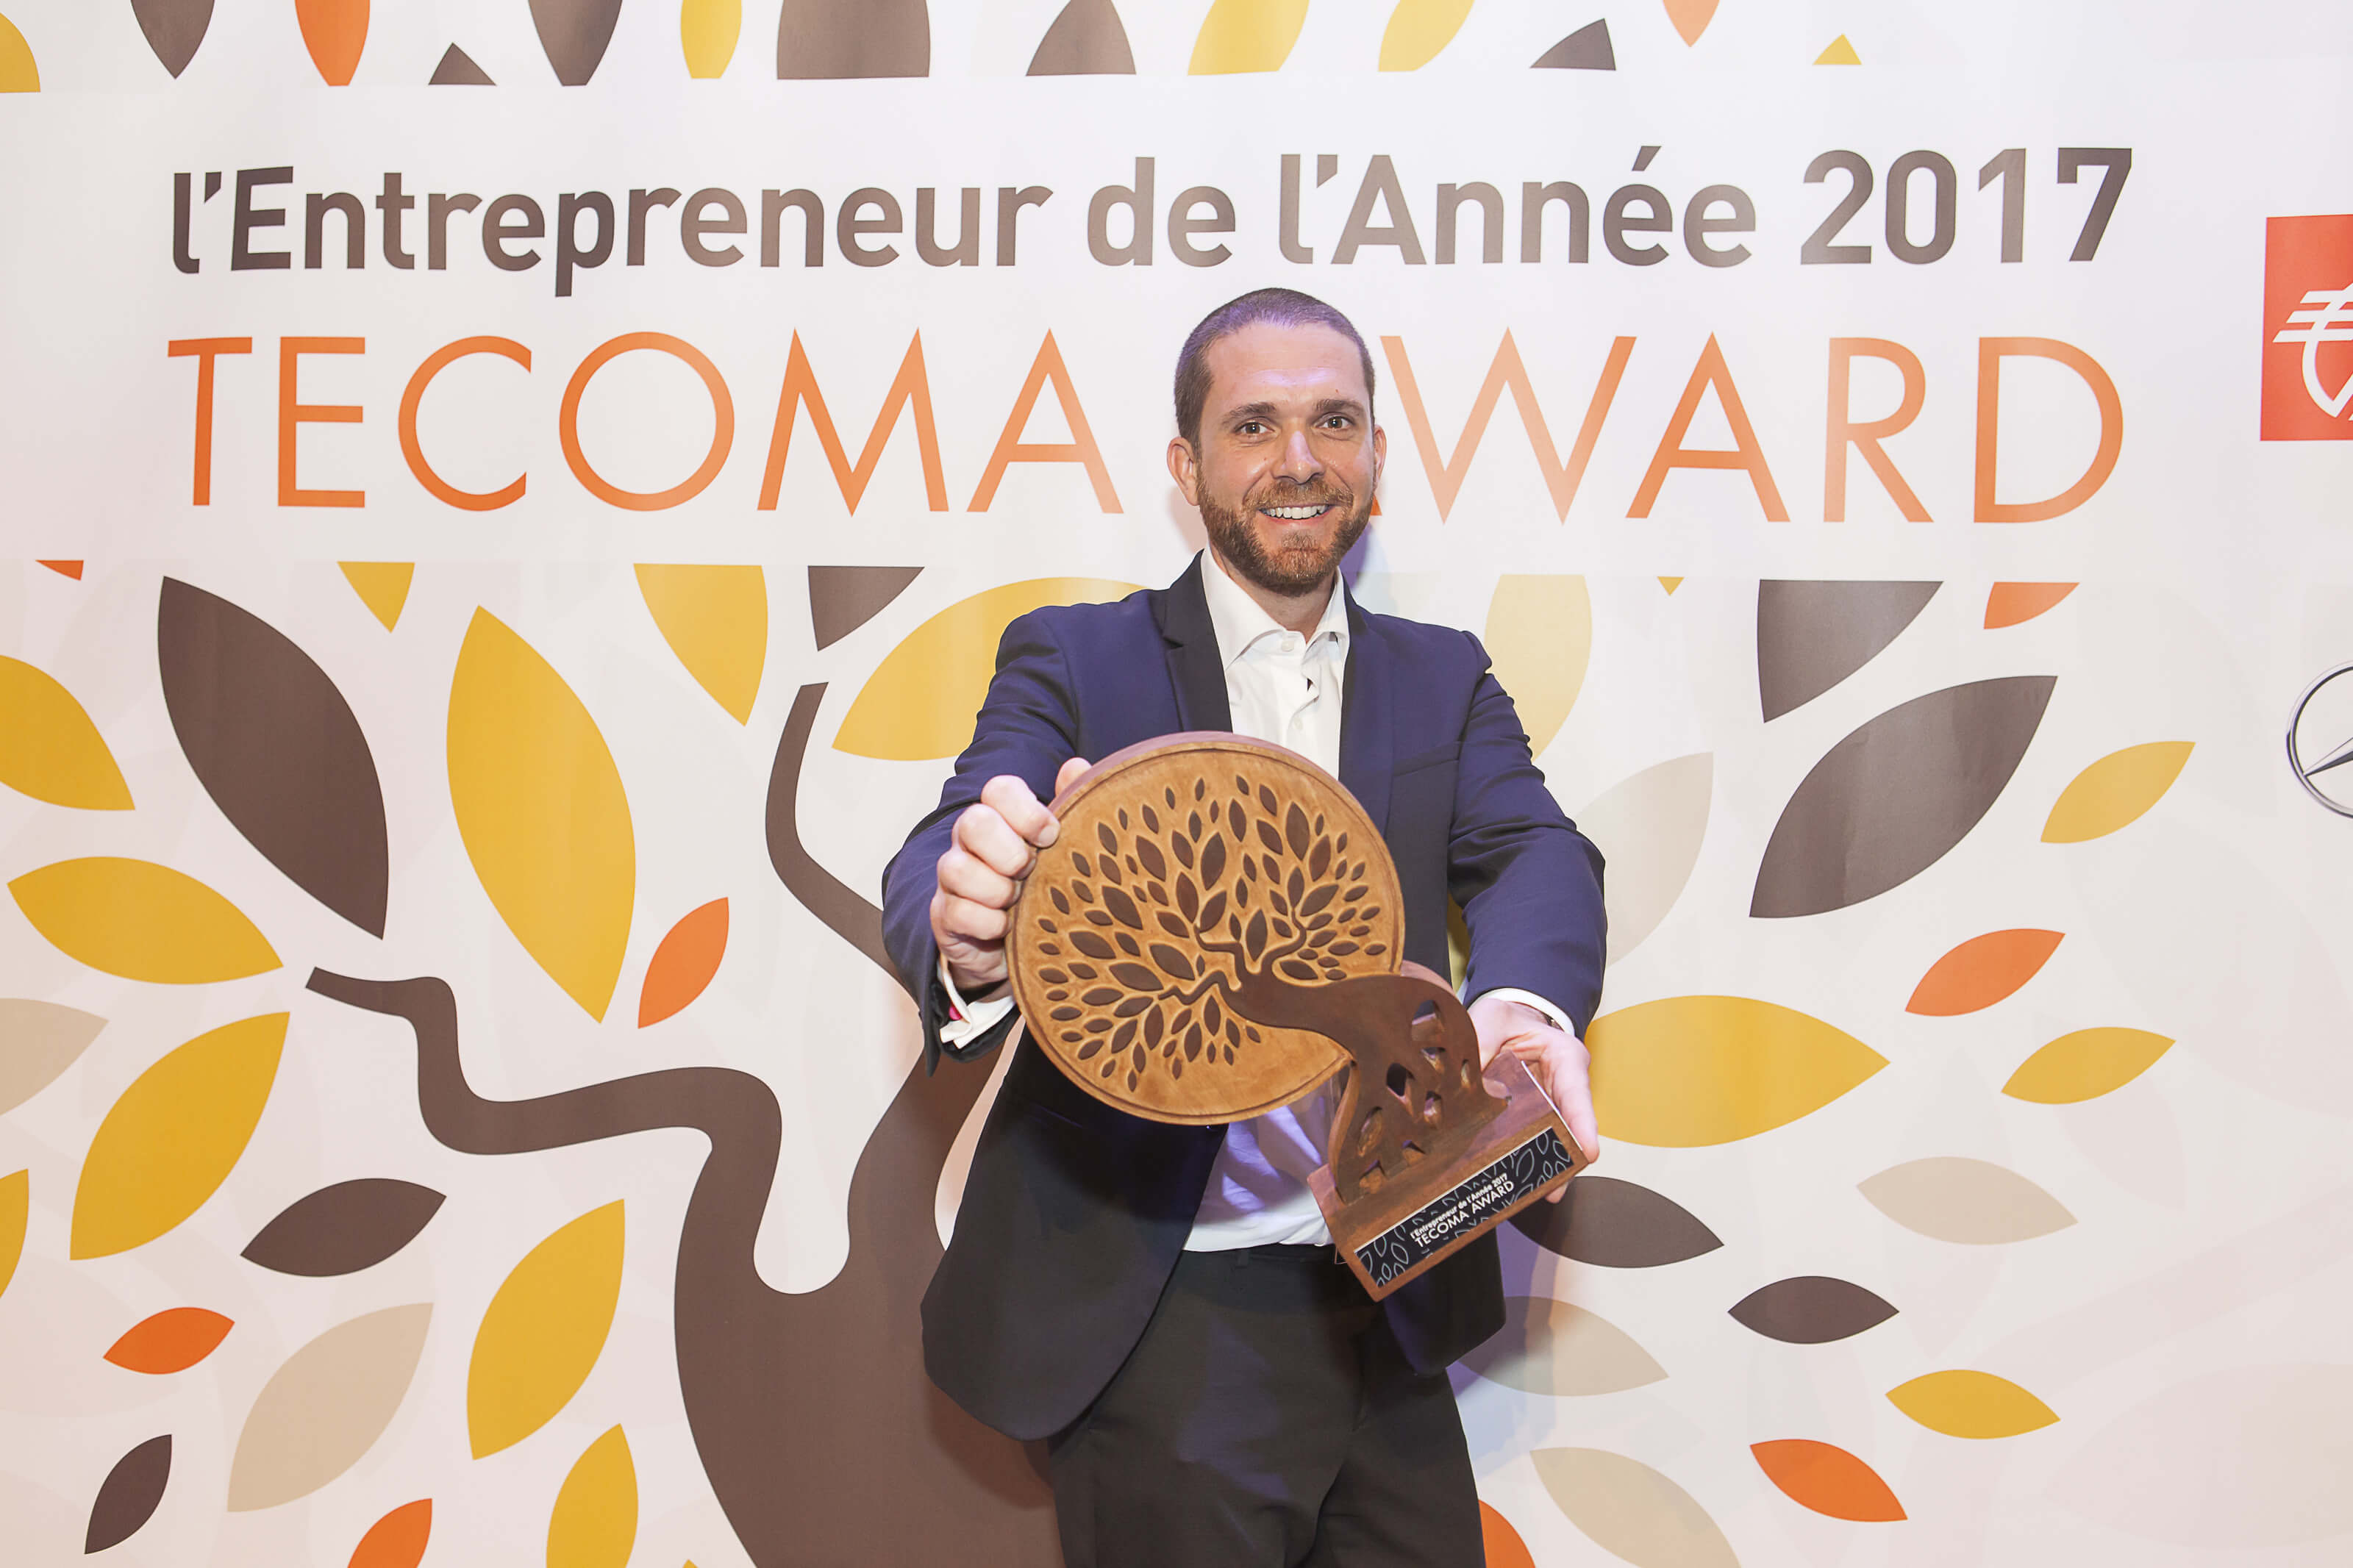 Julien_Entrepreneur_2017.jpg